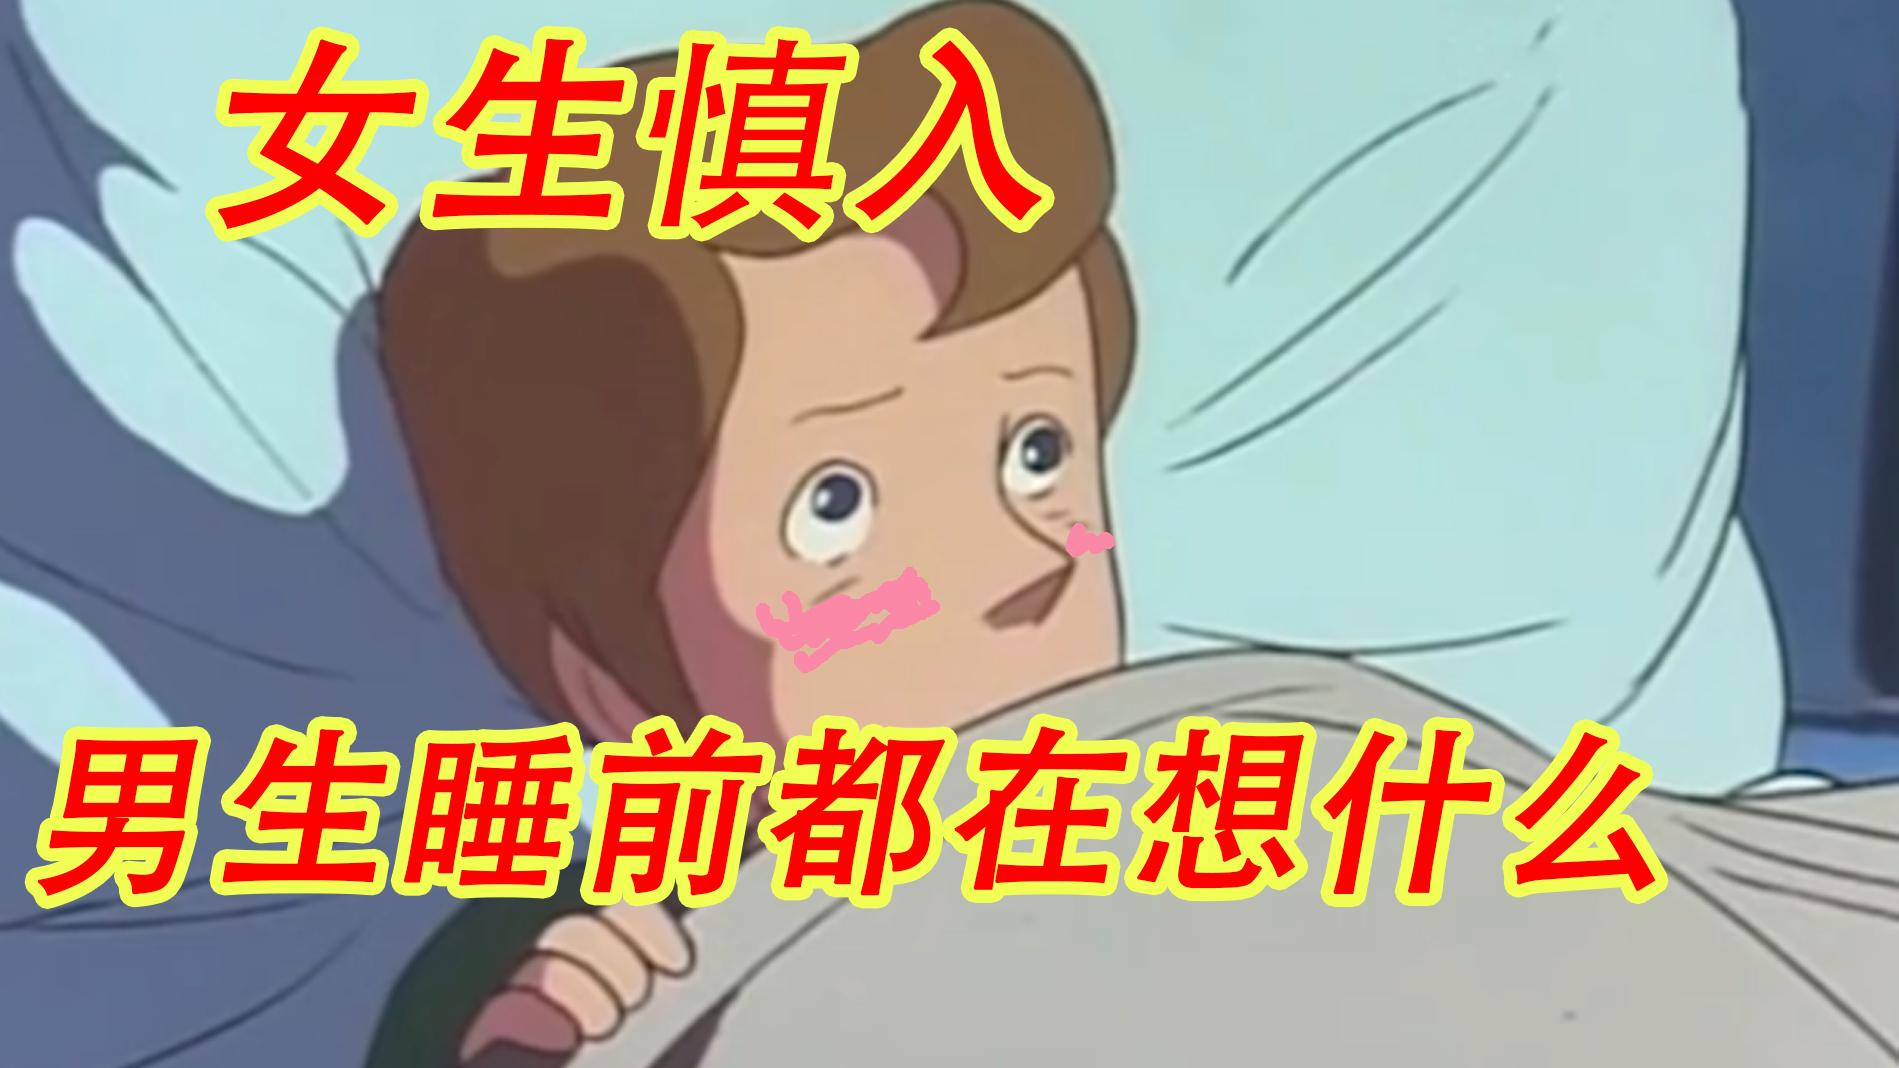 【女生慎入】男生睡觉前都在想什么奇奇怪怪的东西?!!